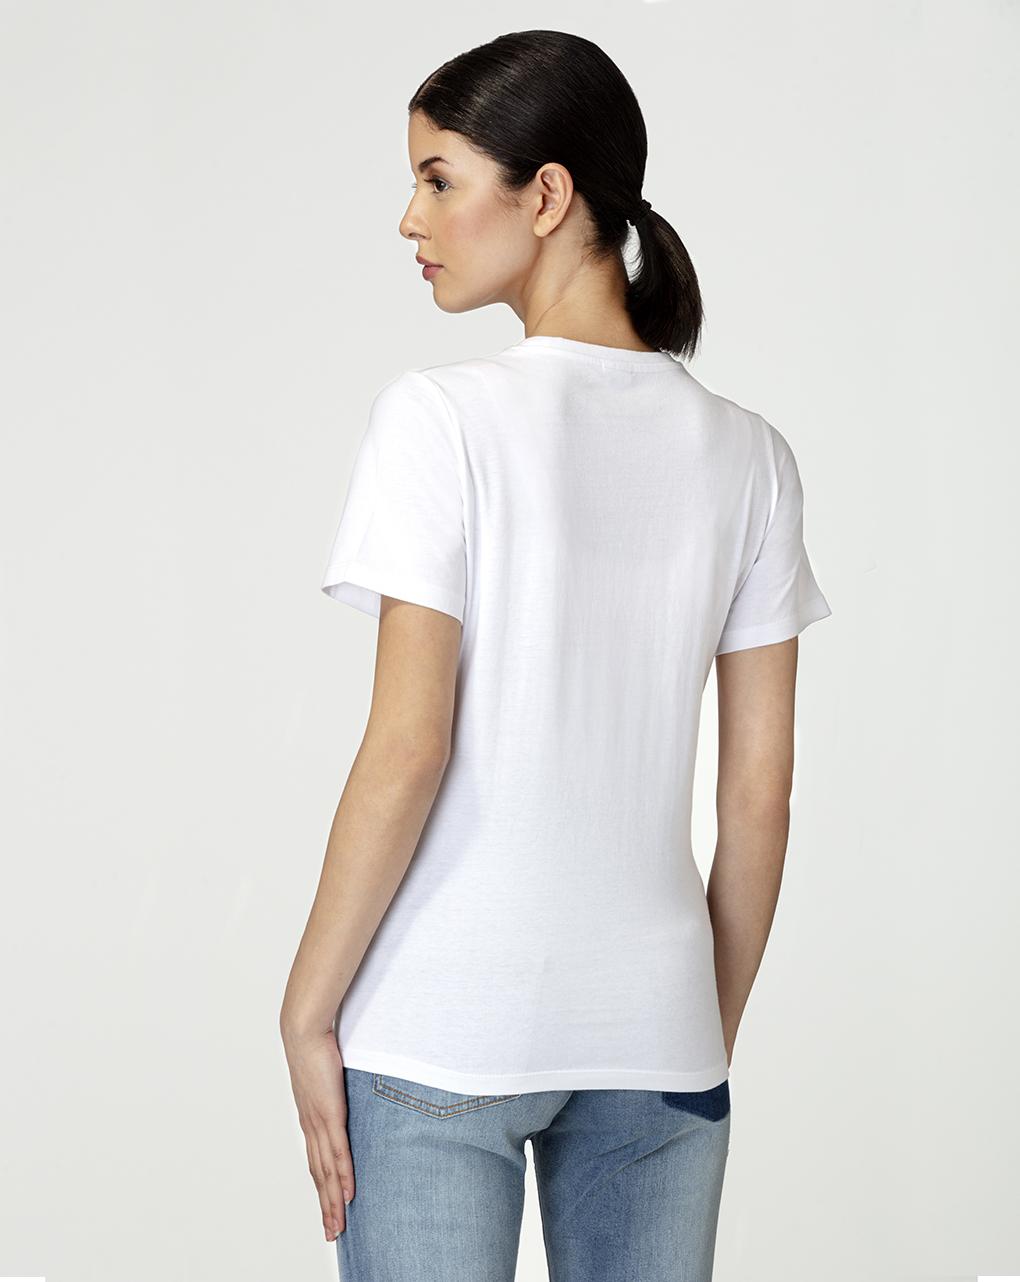 Camiseta maternidade com estampa de glitter - Prénatal